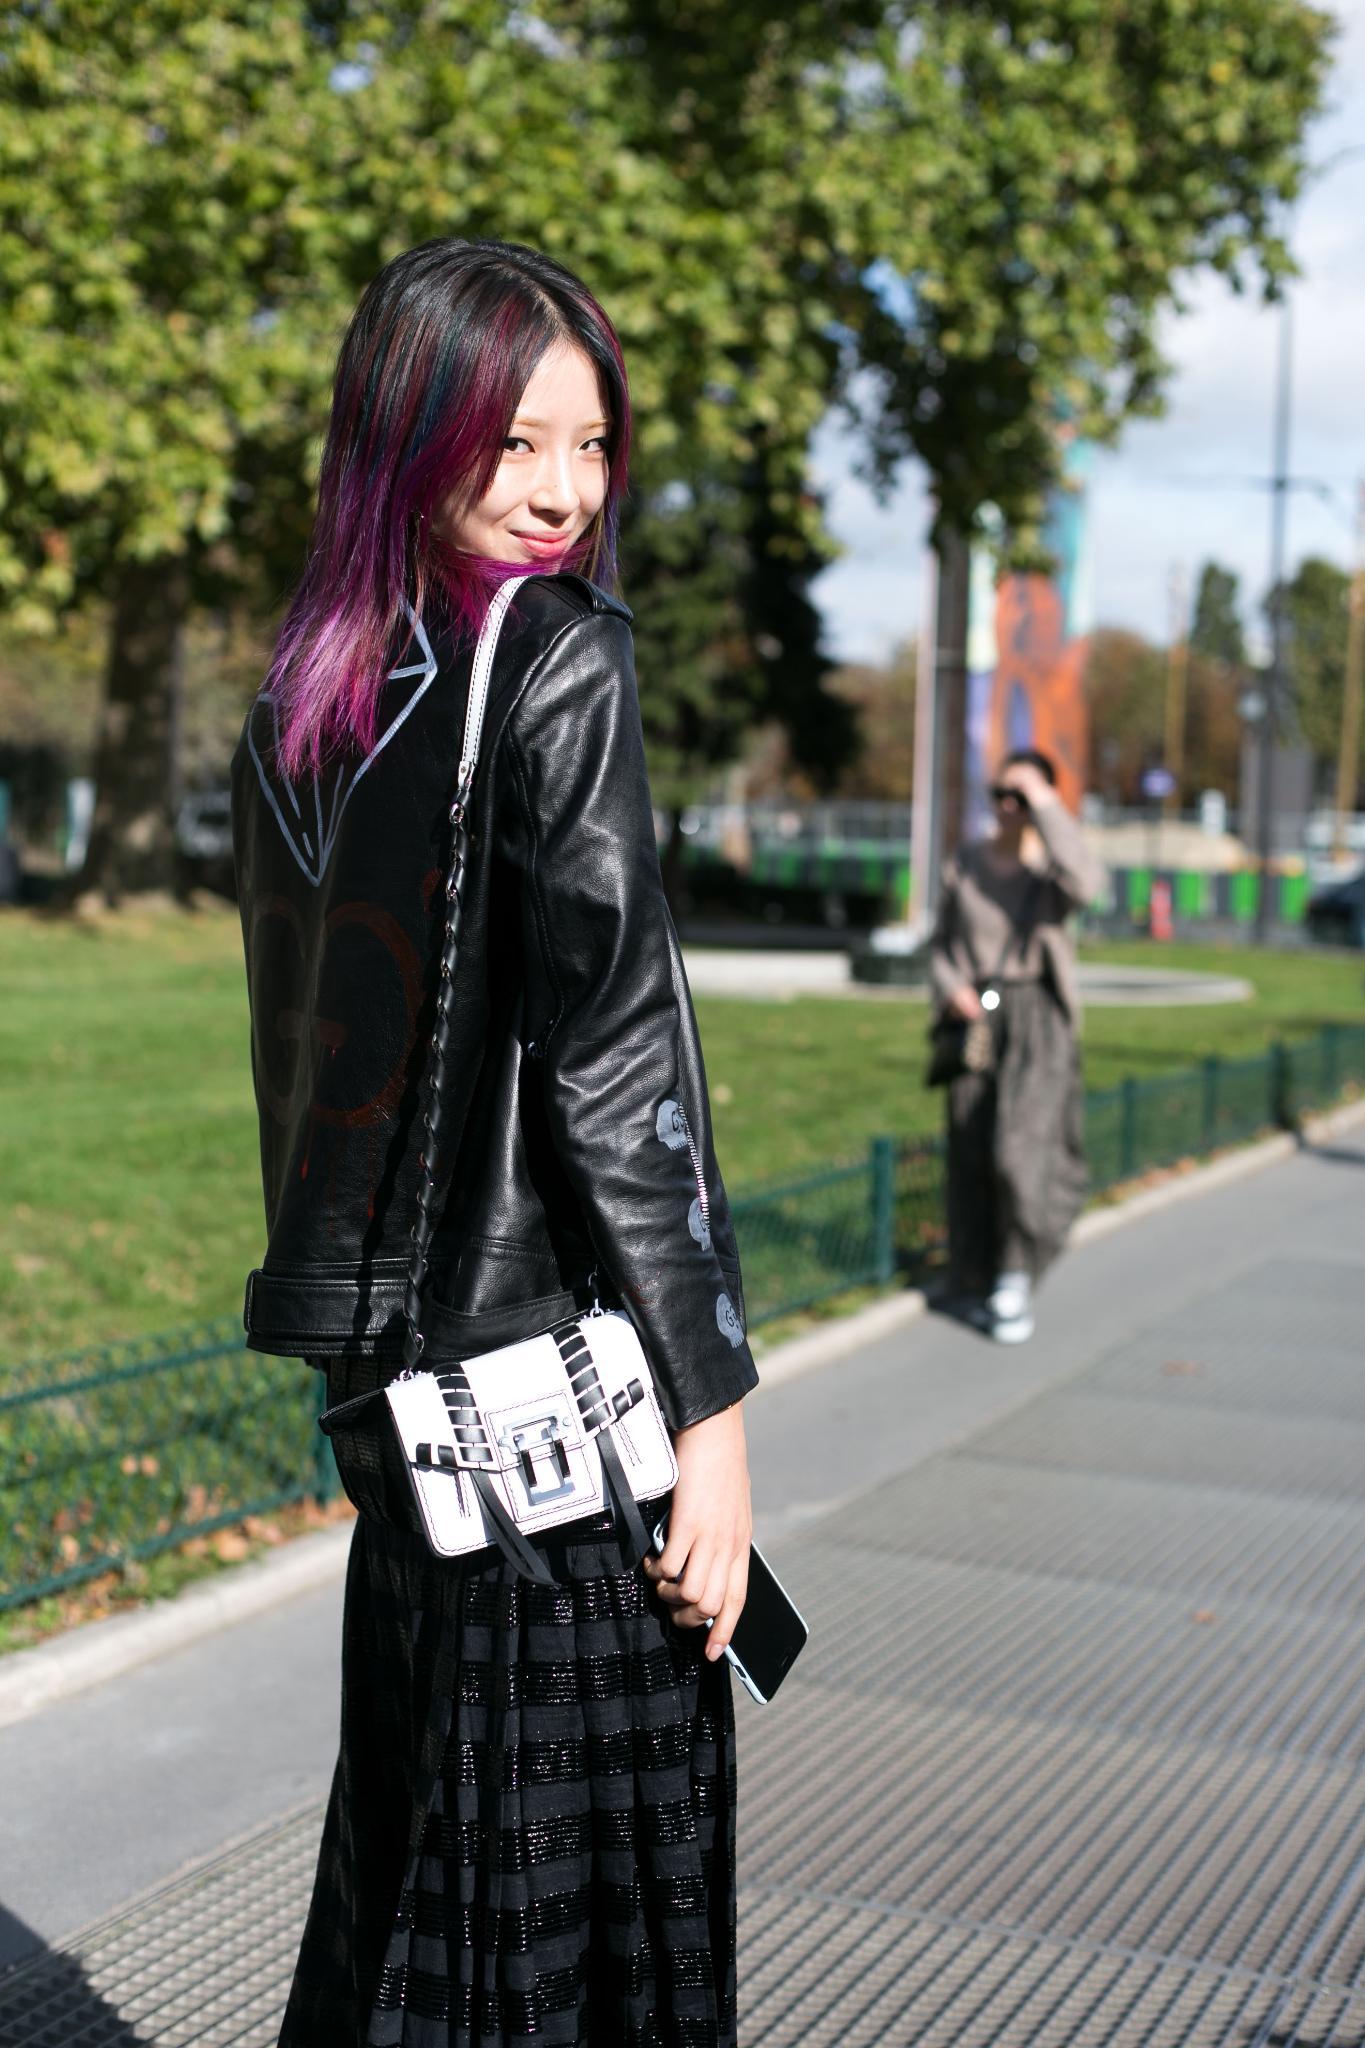 pelo liso brillante color violeta tintura reflejos